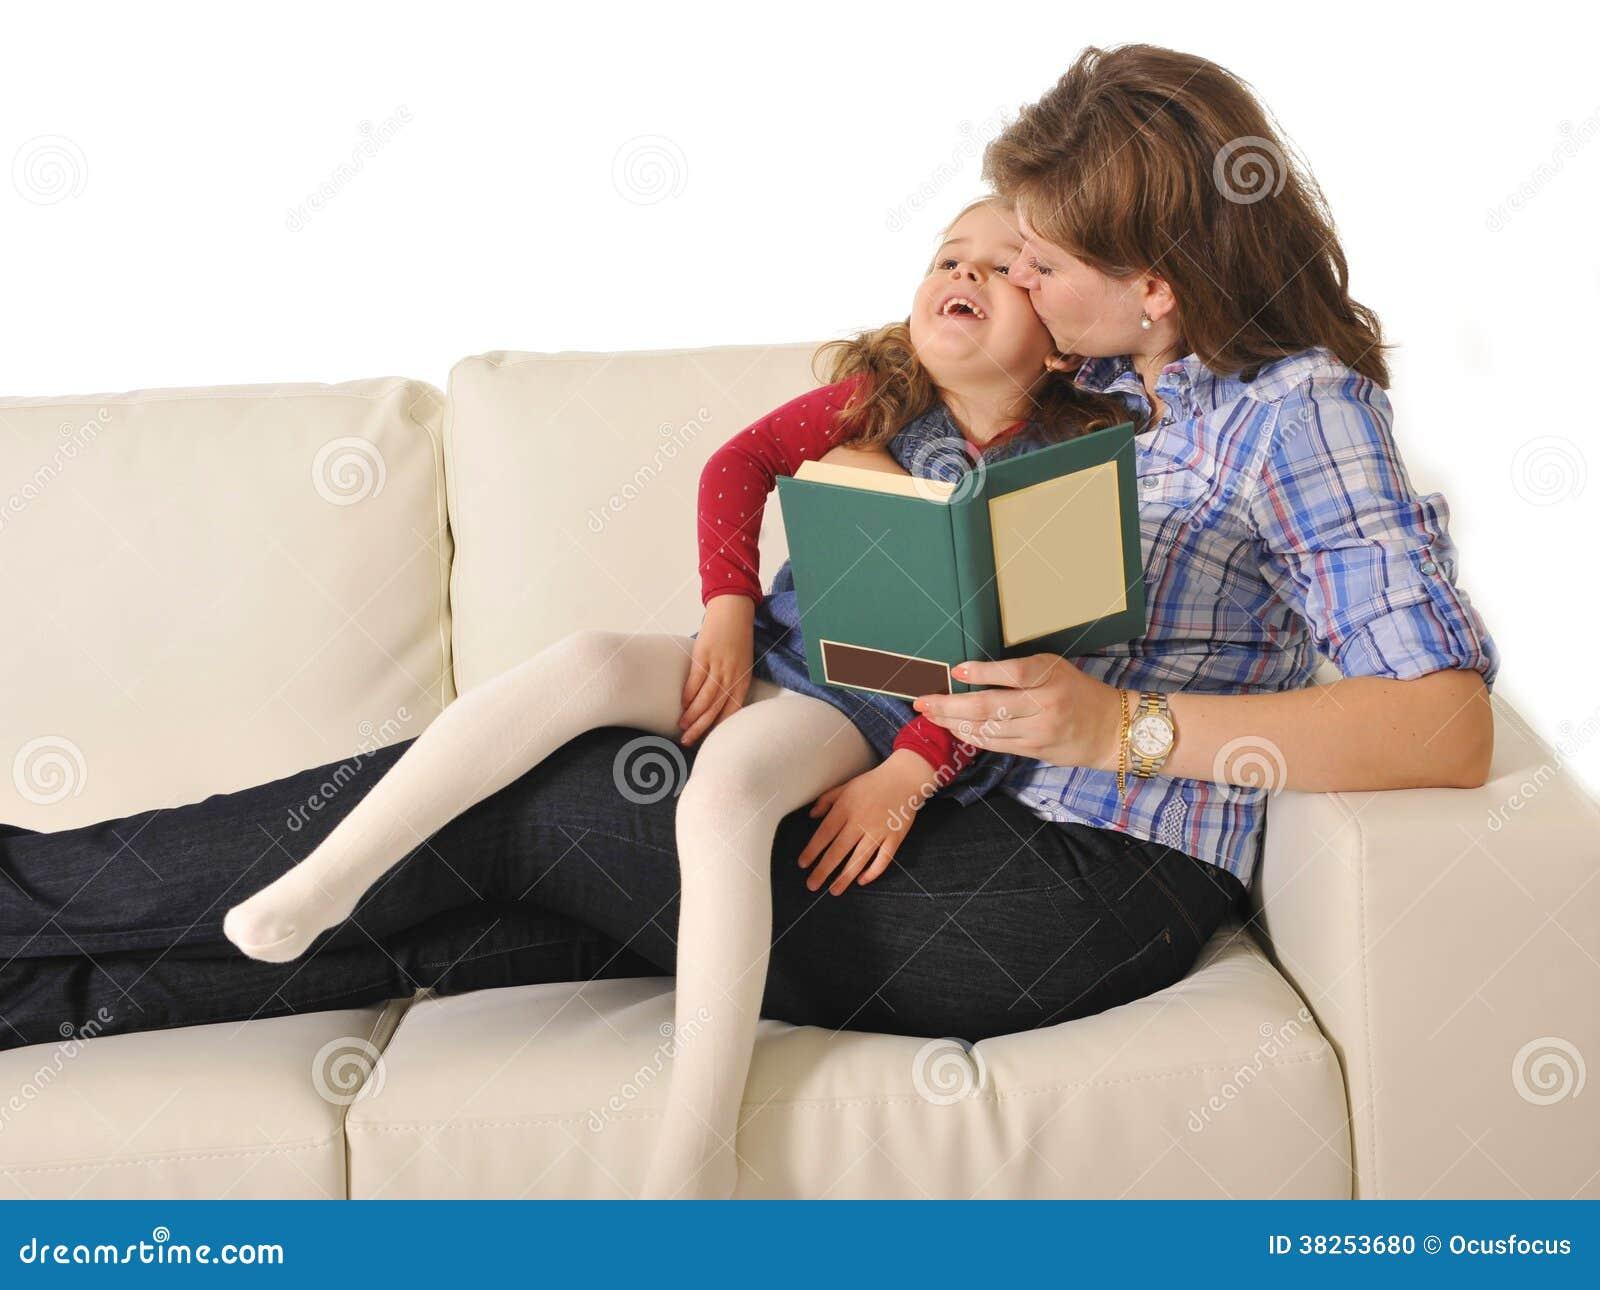 照顾亲吻和讲童话给逗人喜爱的矮小的女儿